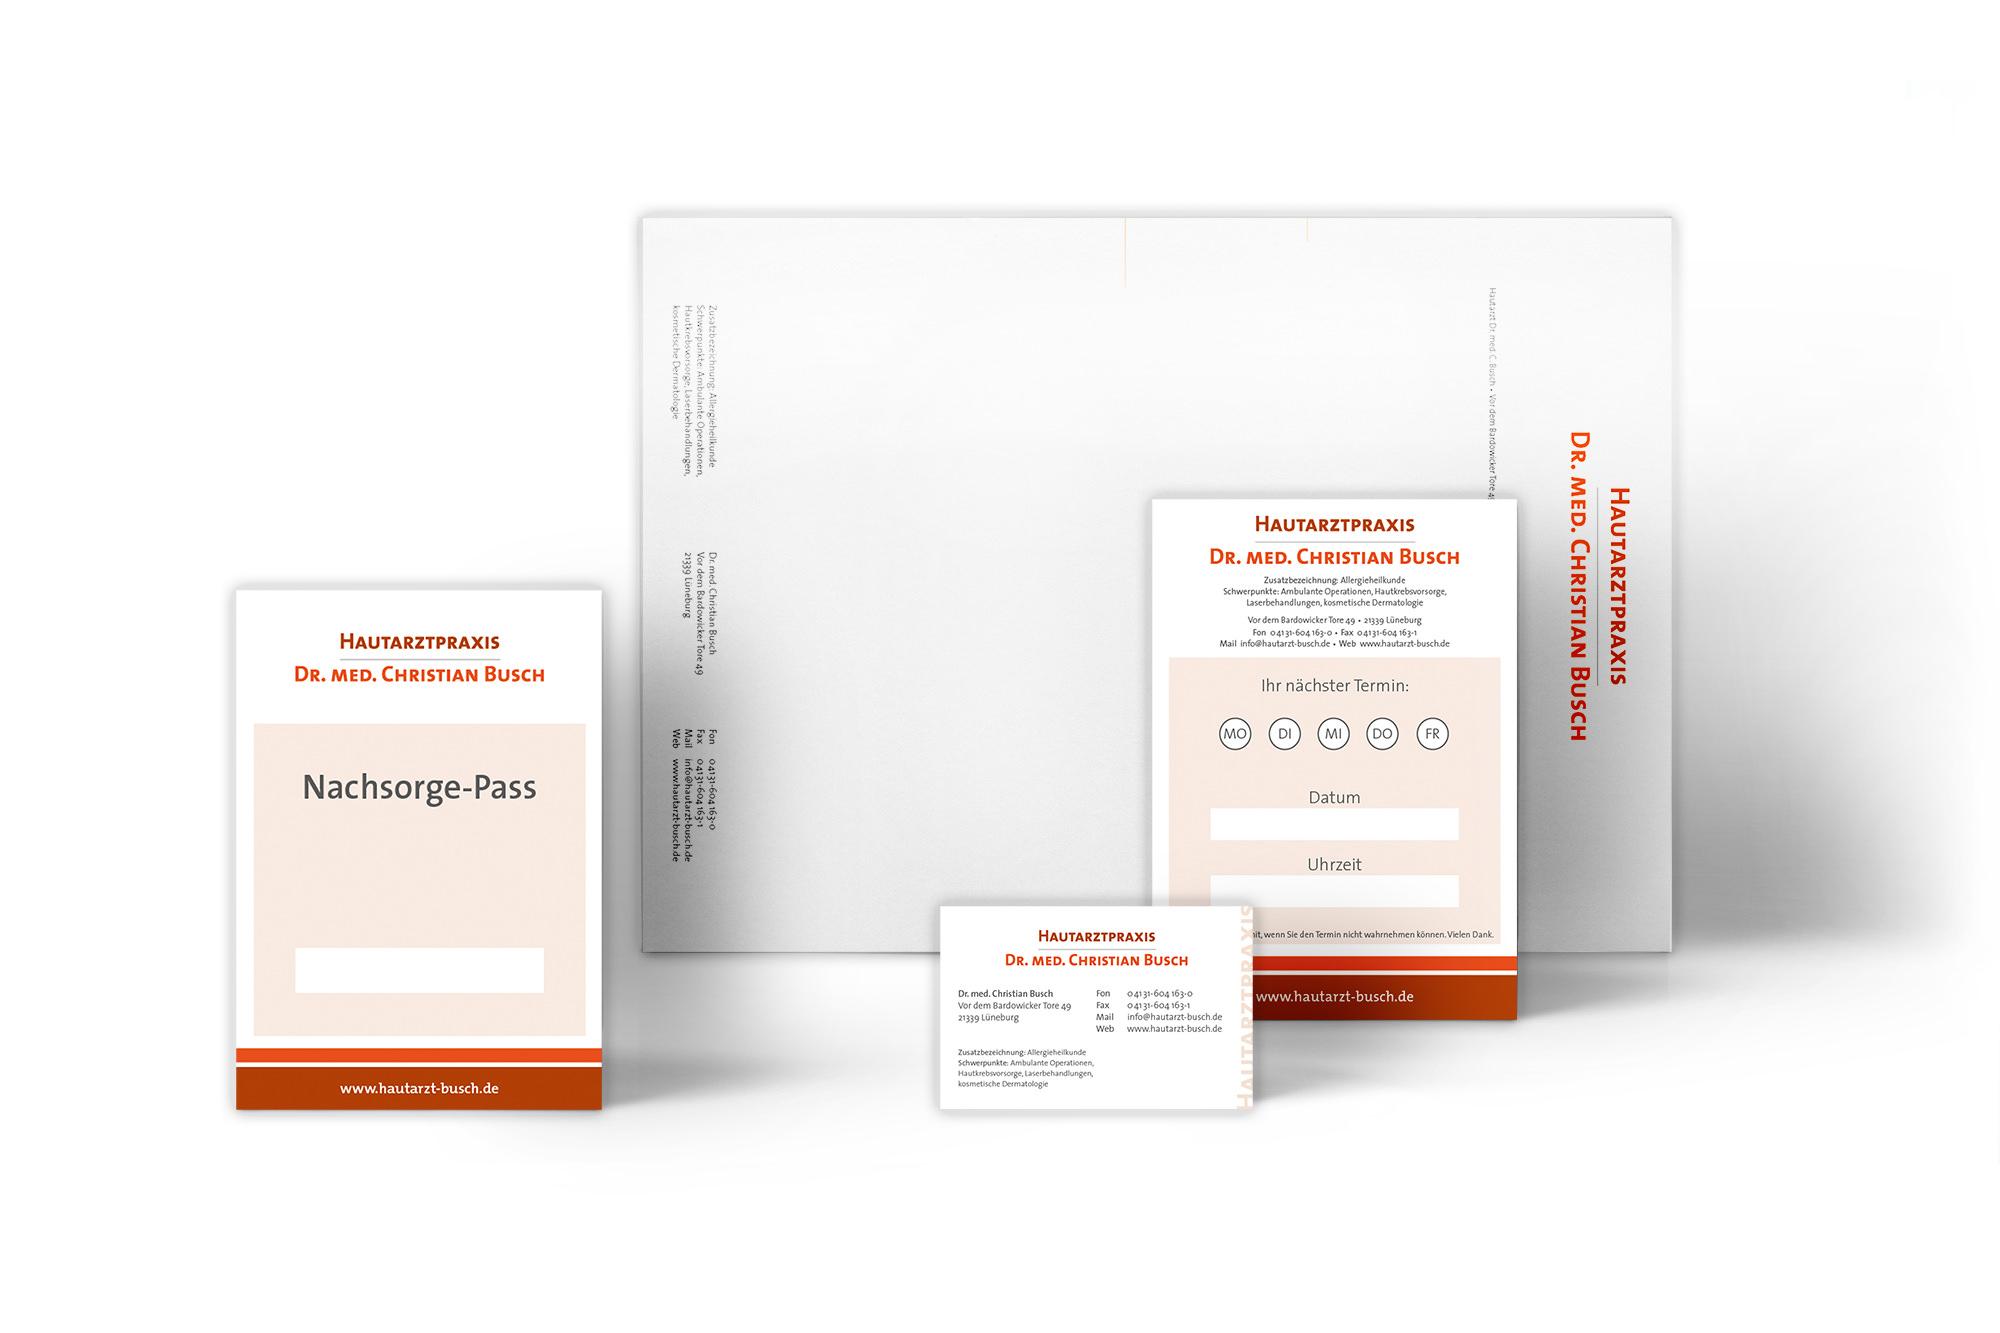 Entwicklung des Corporate Designs mit Printmedien wie Briefbogen, Visitenkarte